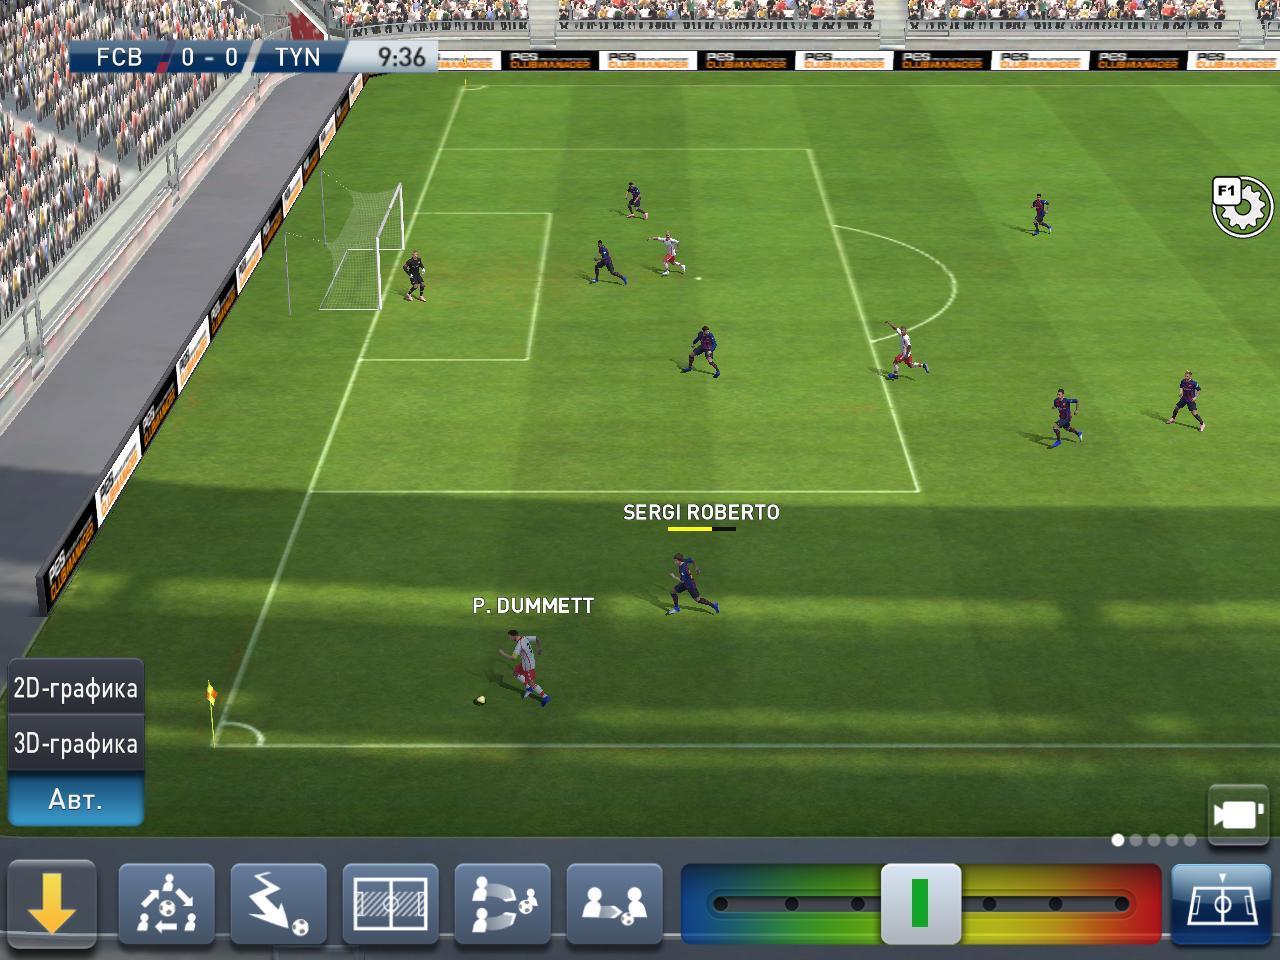 FIFA CLUBIC TÉLÉCHARGER 09 SUR